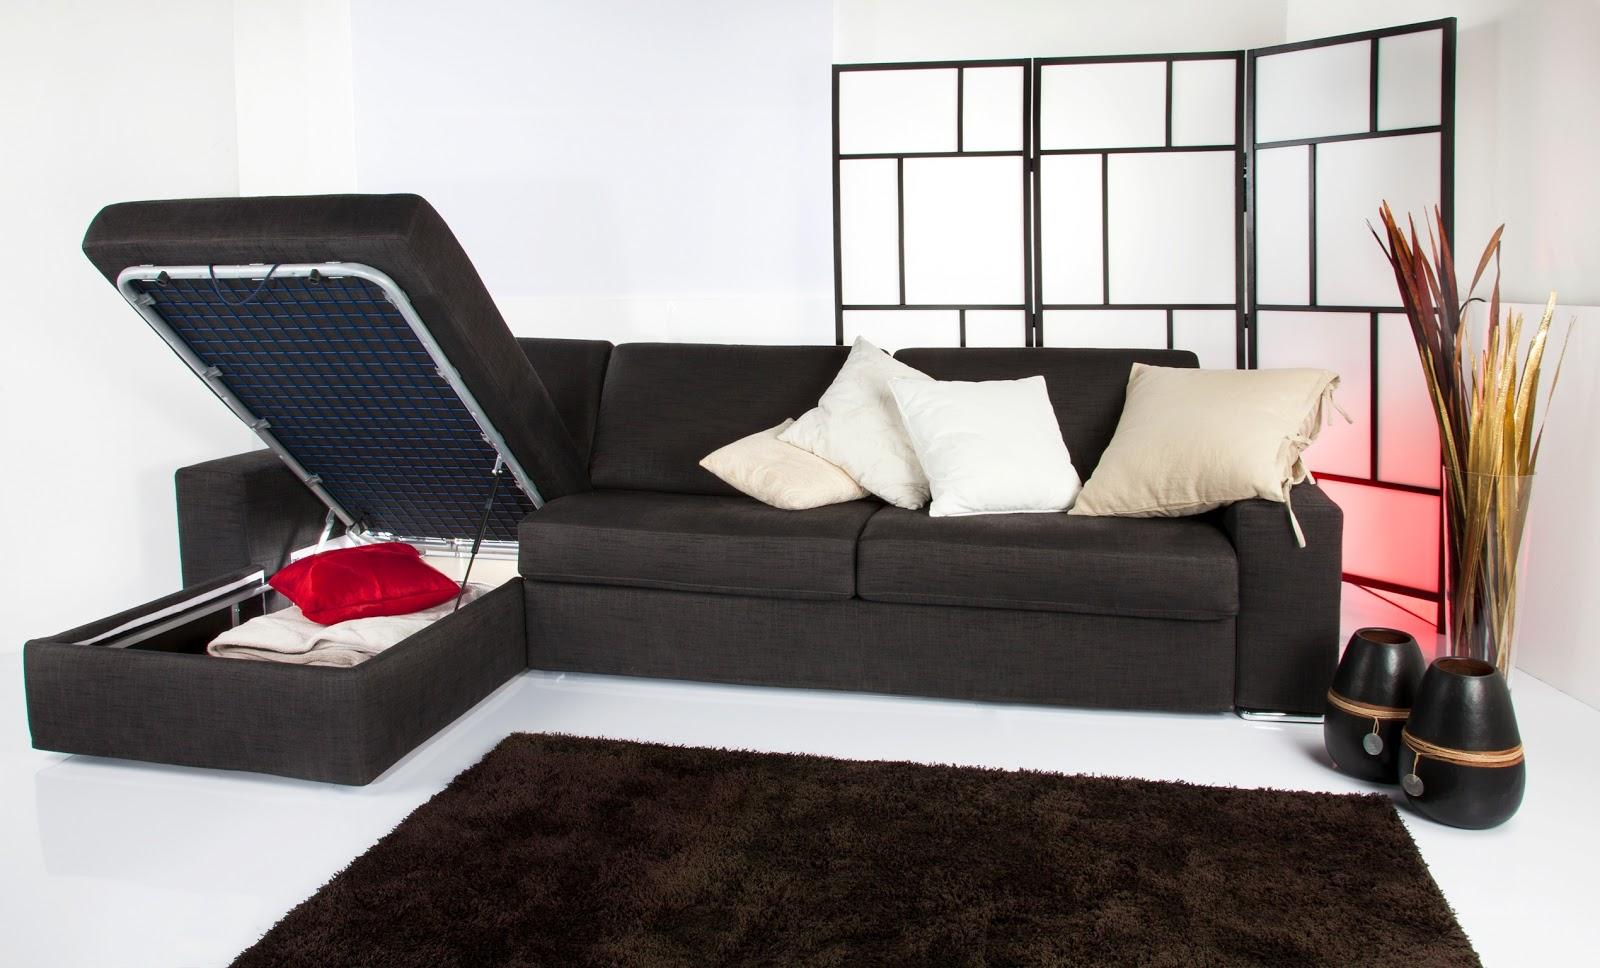 Divani blog tino mariani nuove immagini del divano - Divano letto a l ...